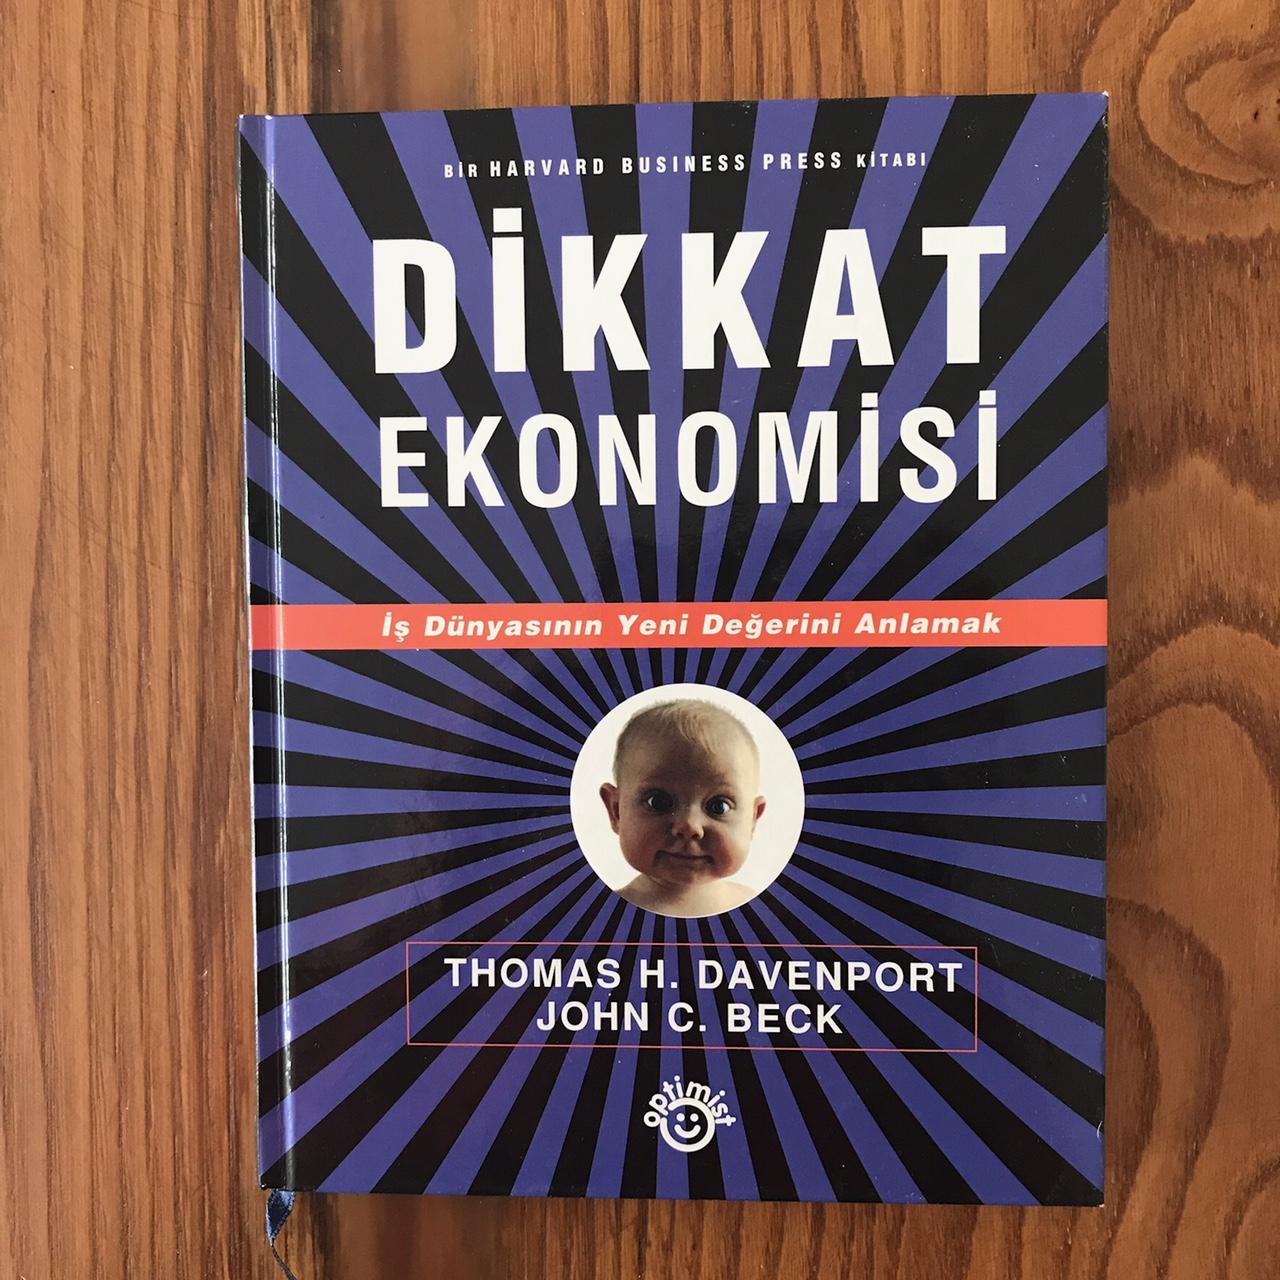 Dikkat Ekonomisi - Is Dunyasinin Yeni Degerini Anlamak (Kitap)